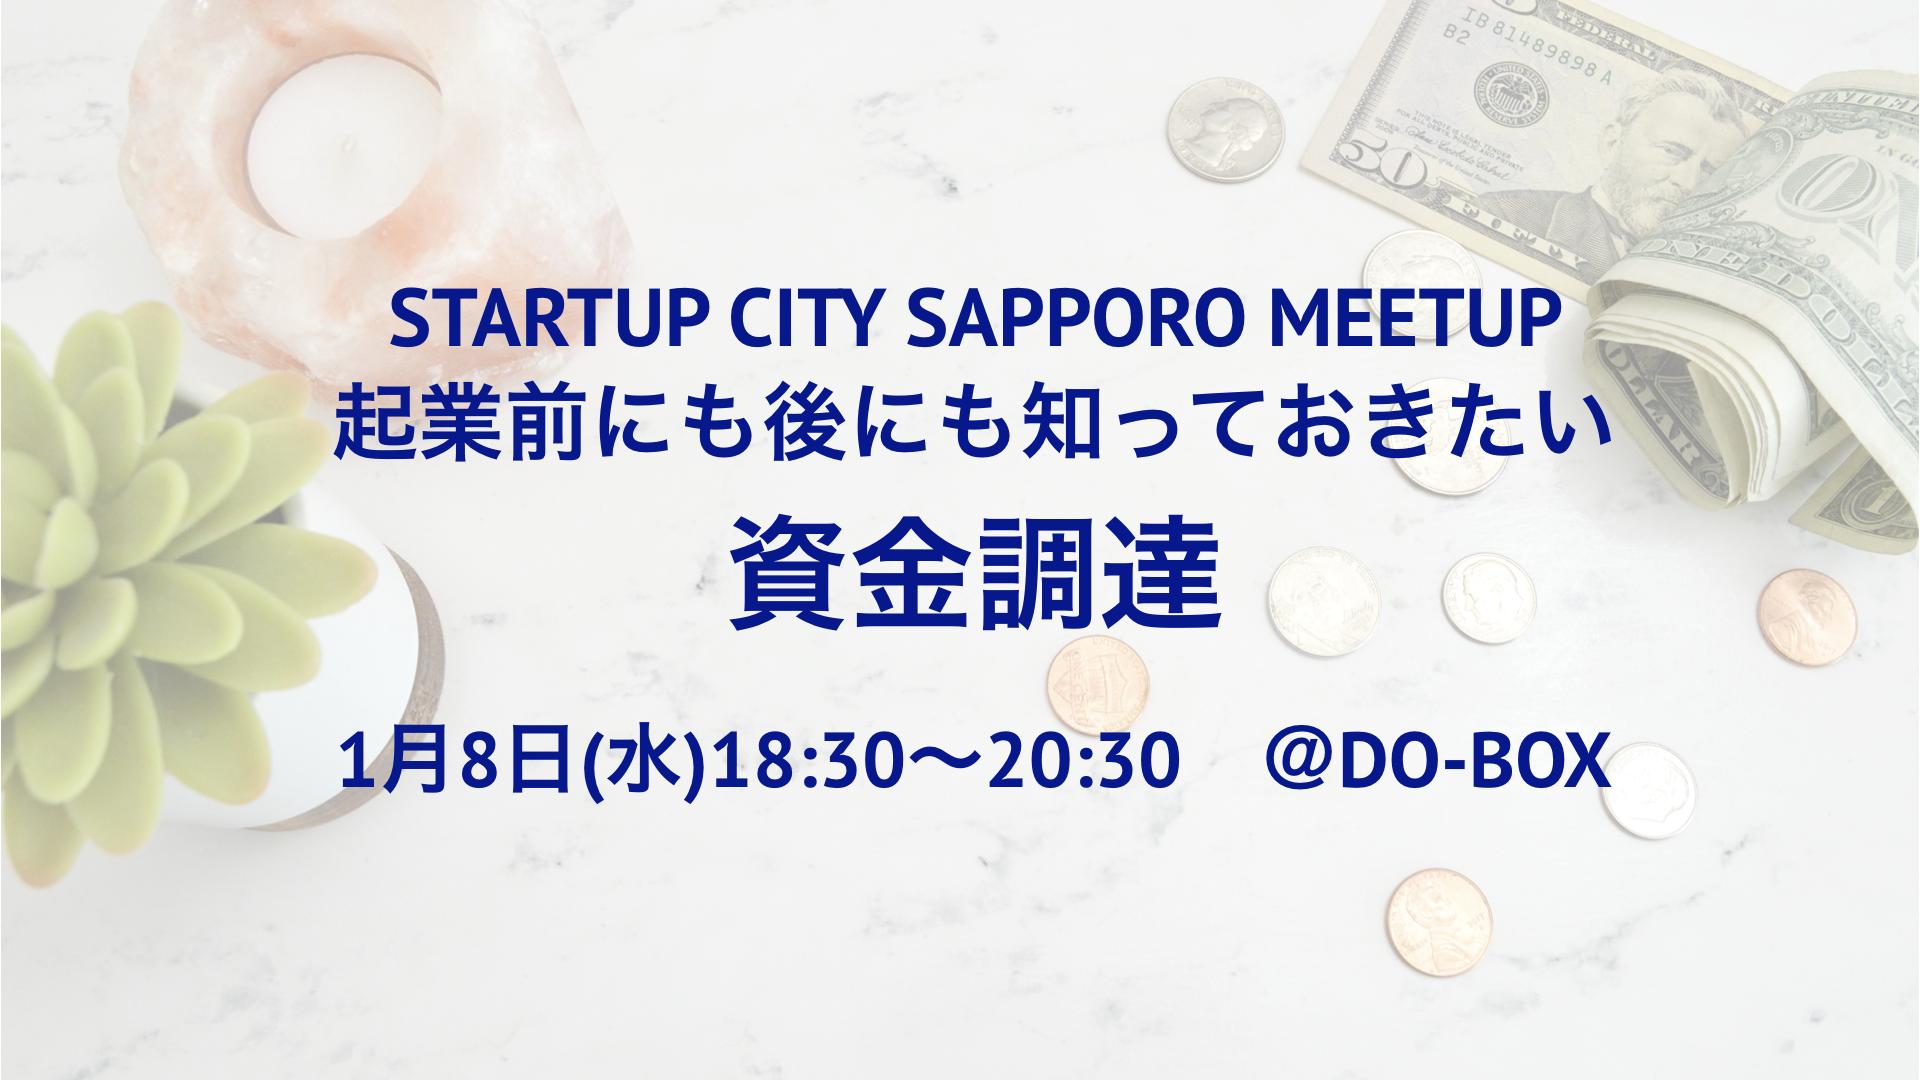 STARTUP CITY SAPPORO MEETUP #3 起業前にも後にも知っておきたい 資金調達